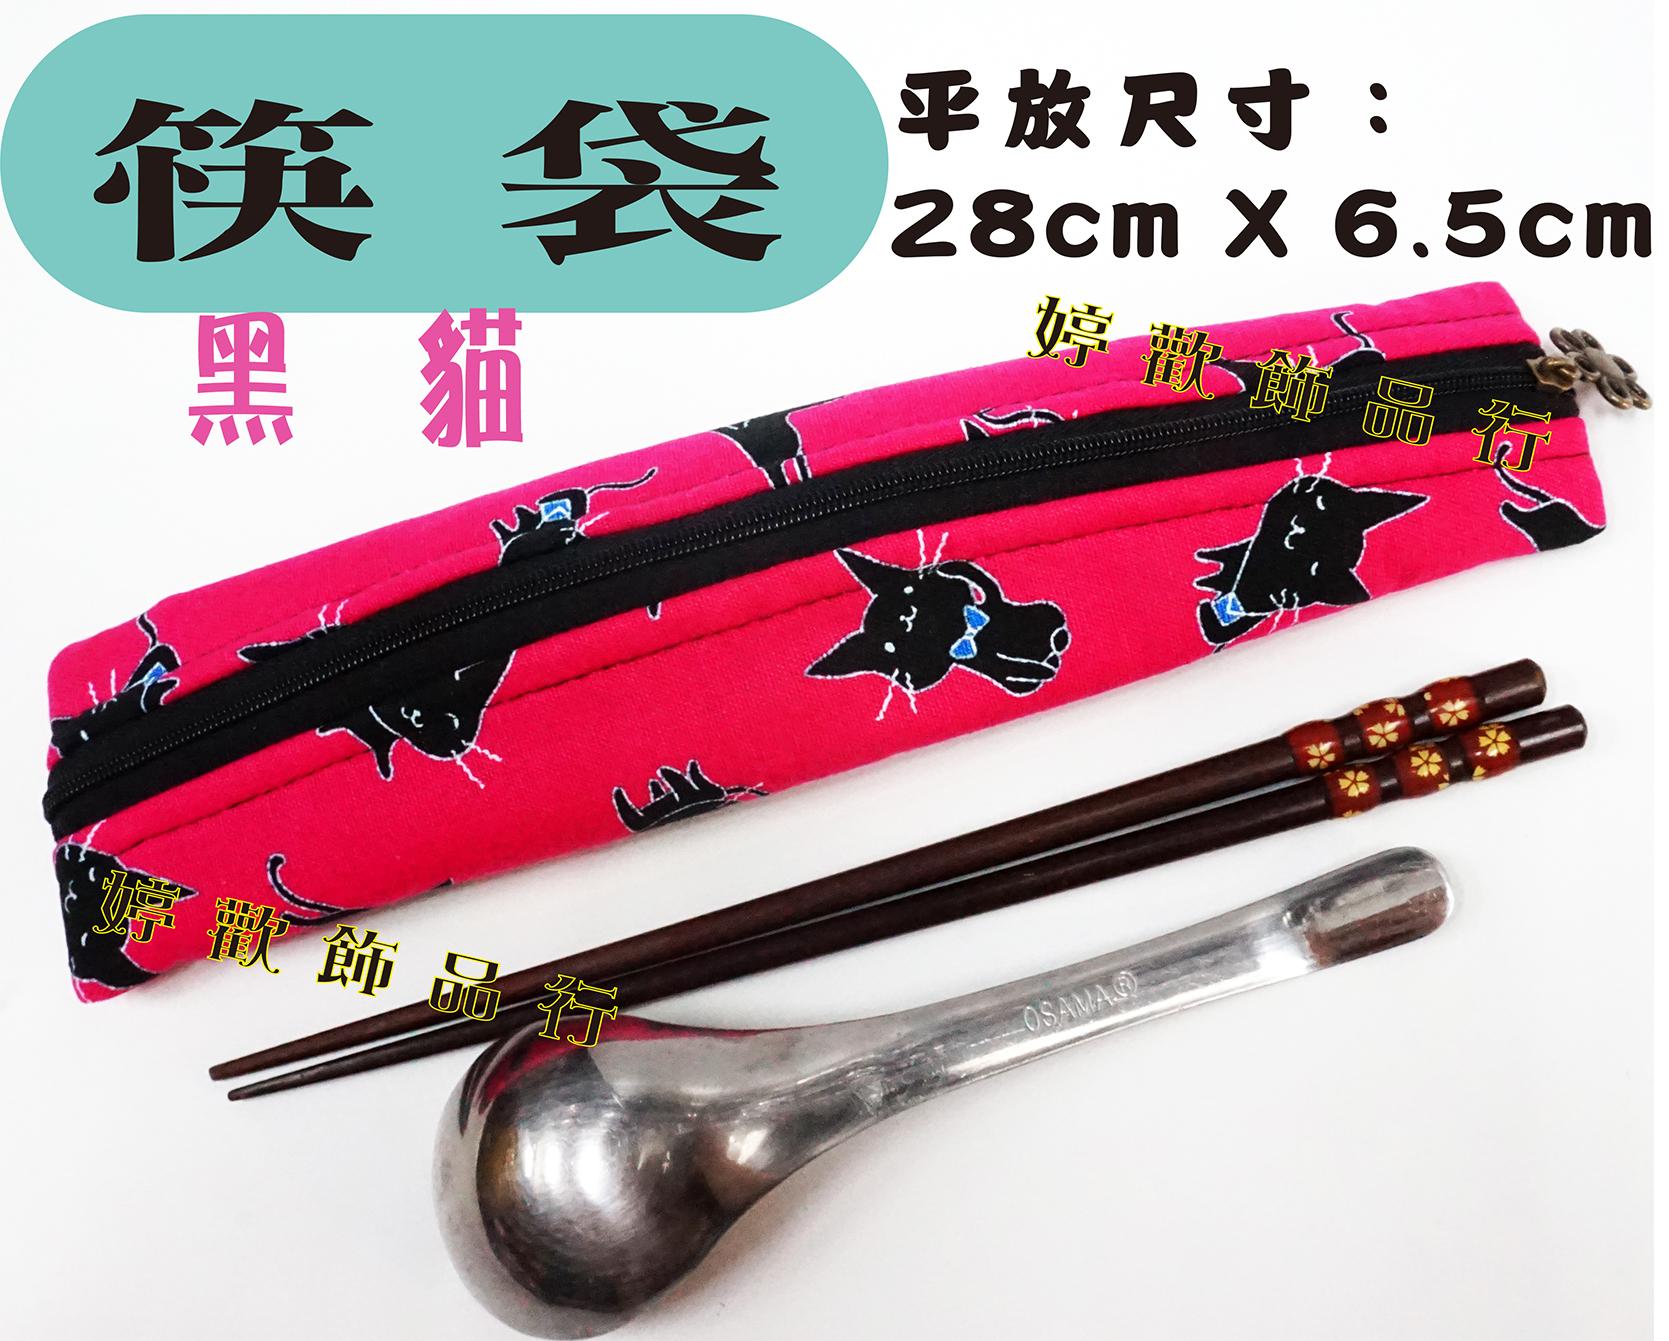 筷袋/牙刷袋/台灣製造/日本布料/時尚美觀/黑色